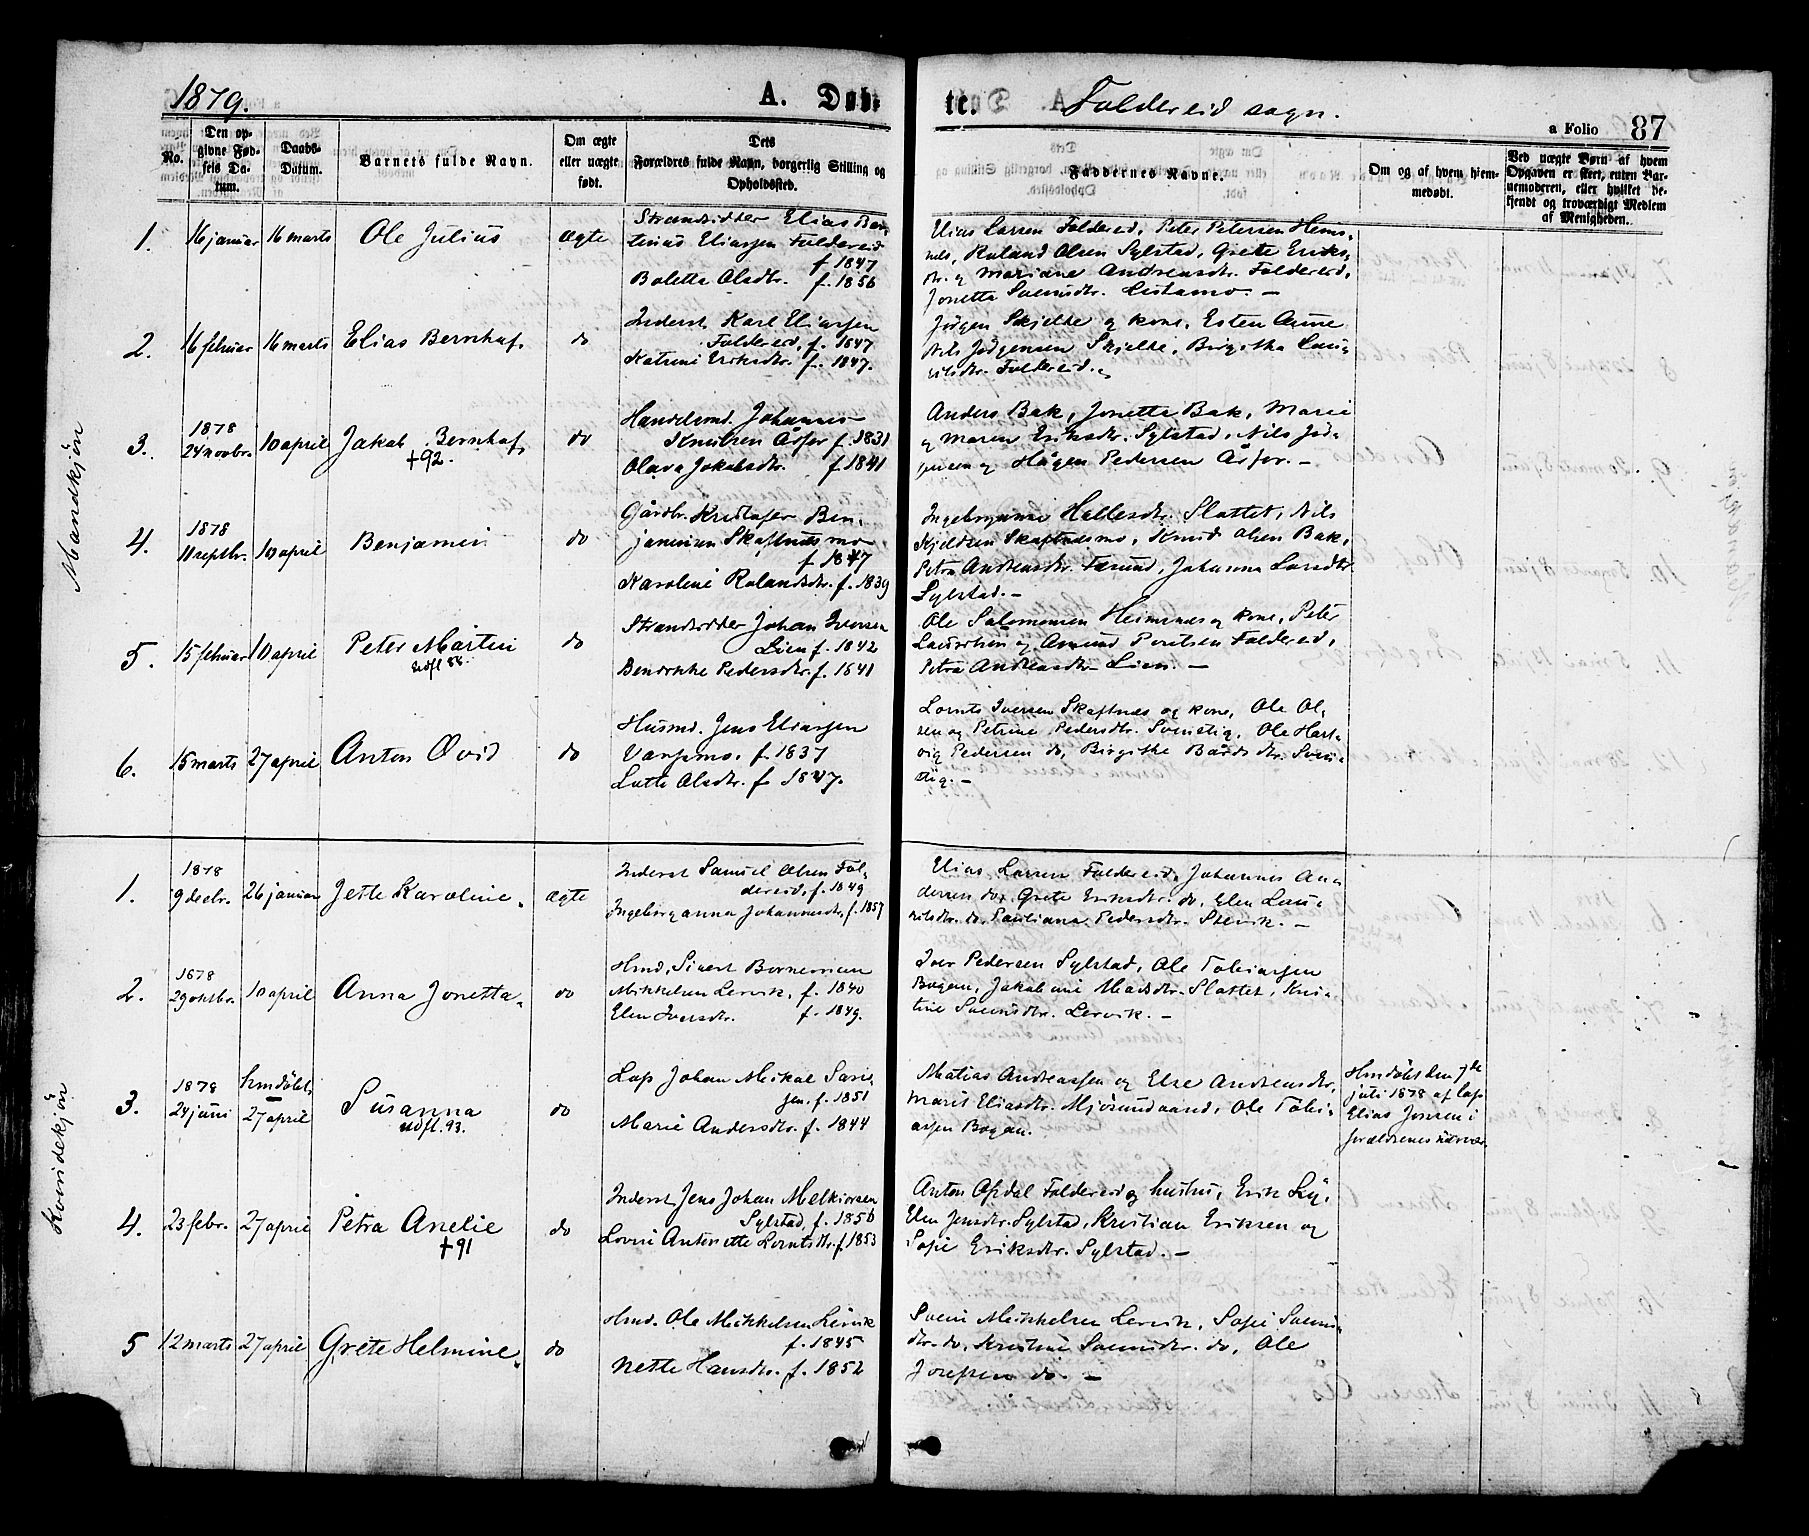 SAT, Ministerialprotokoller, klokkerbøker og fødselsregistre - Nord-Trøndelag, 780/L0642: Ministerialbok nr. 780A07 /2, 1878-1885, s. 87